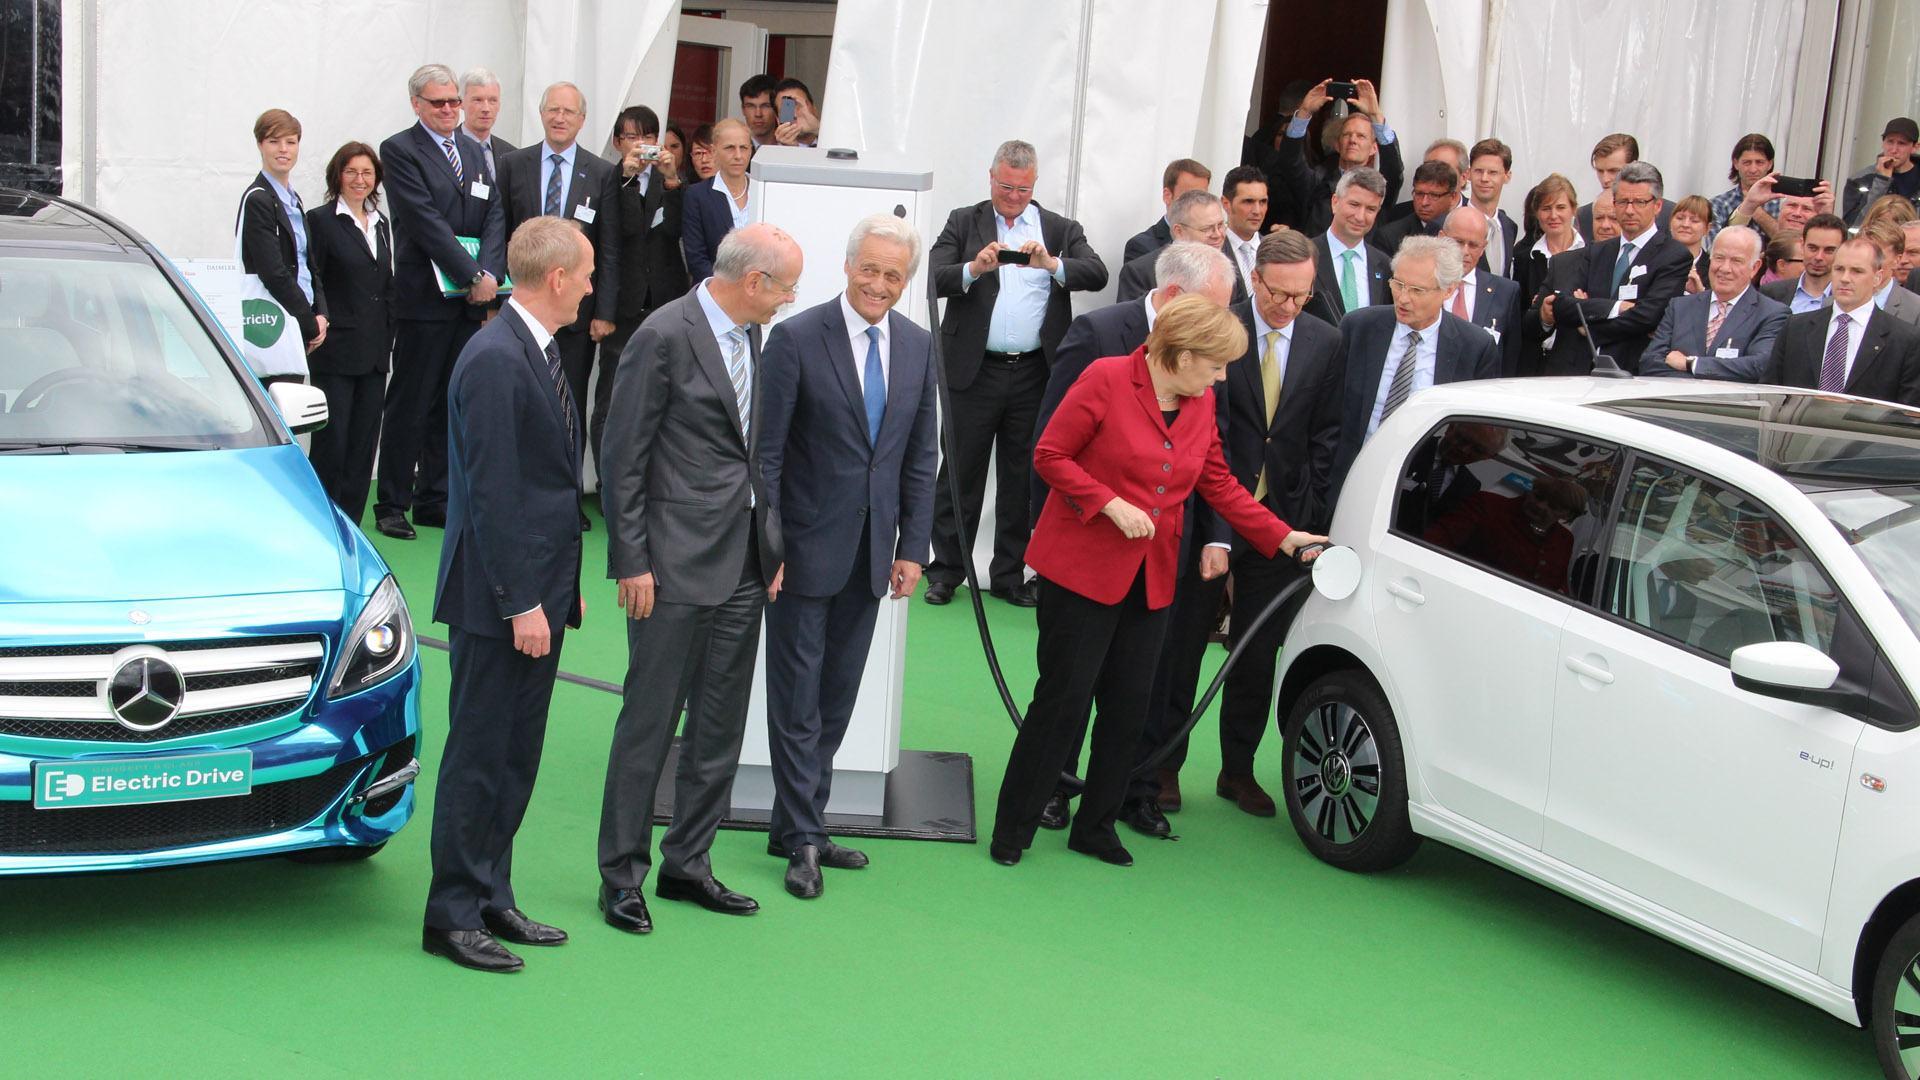 El gobierno alemán invertirá 1.100 millones de euros en producción de baterías